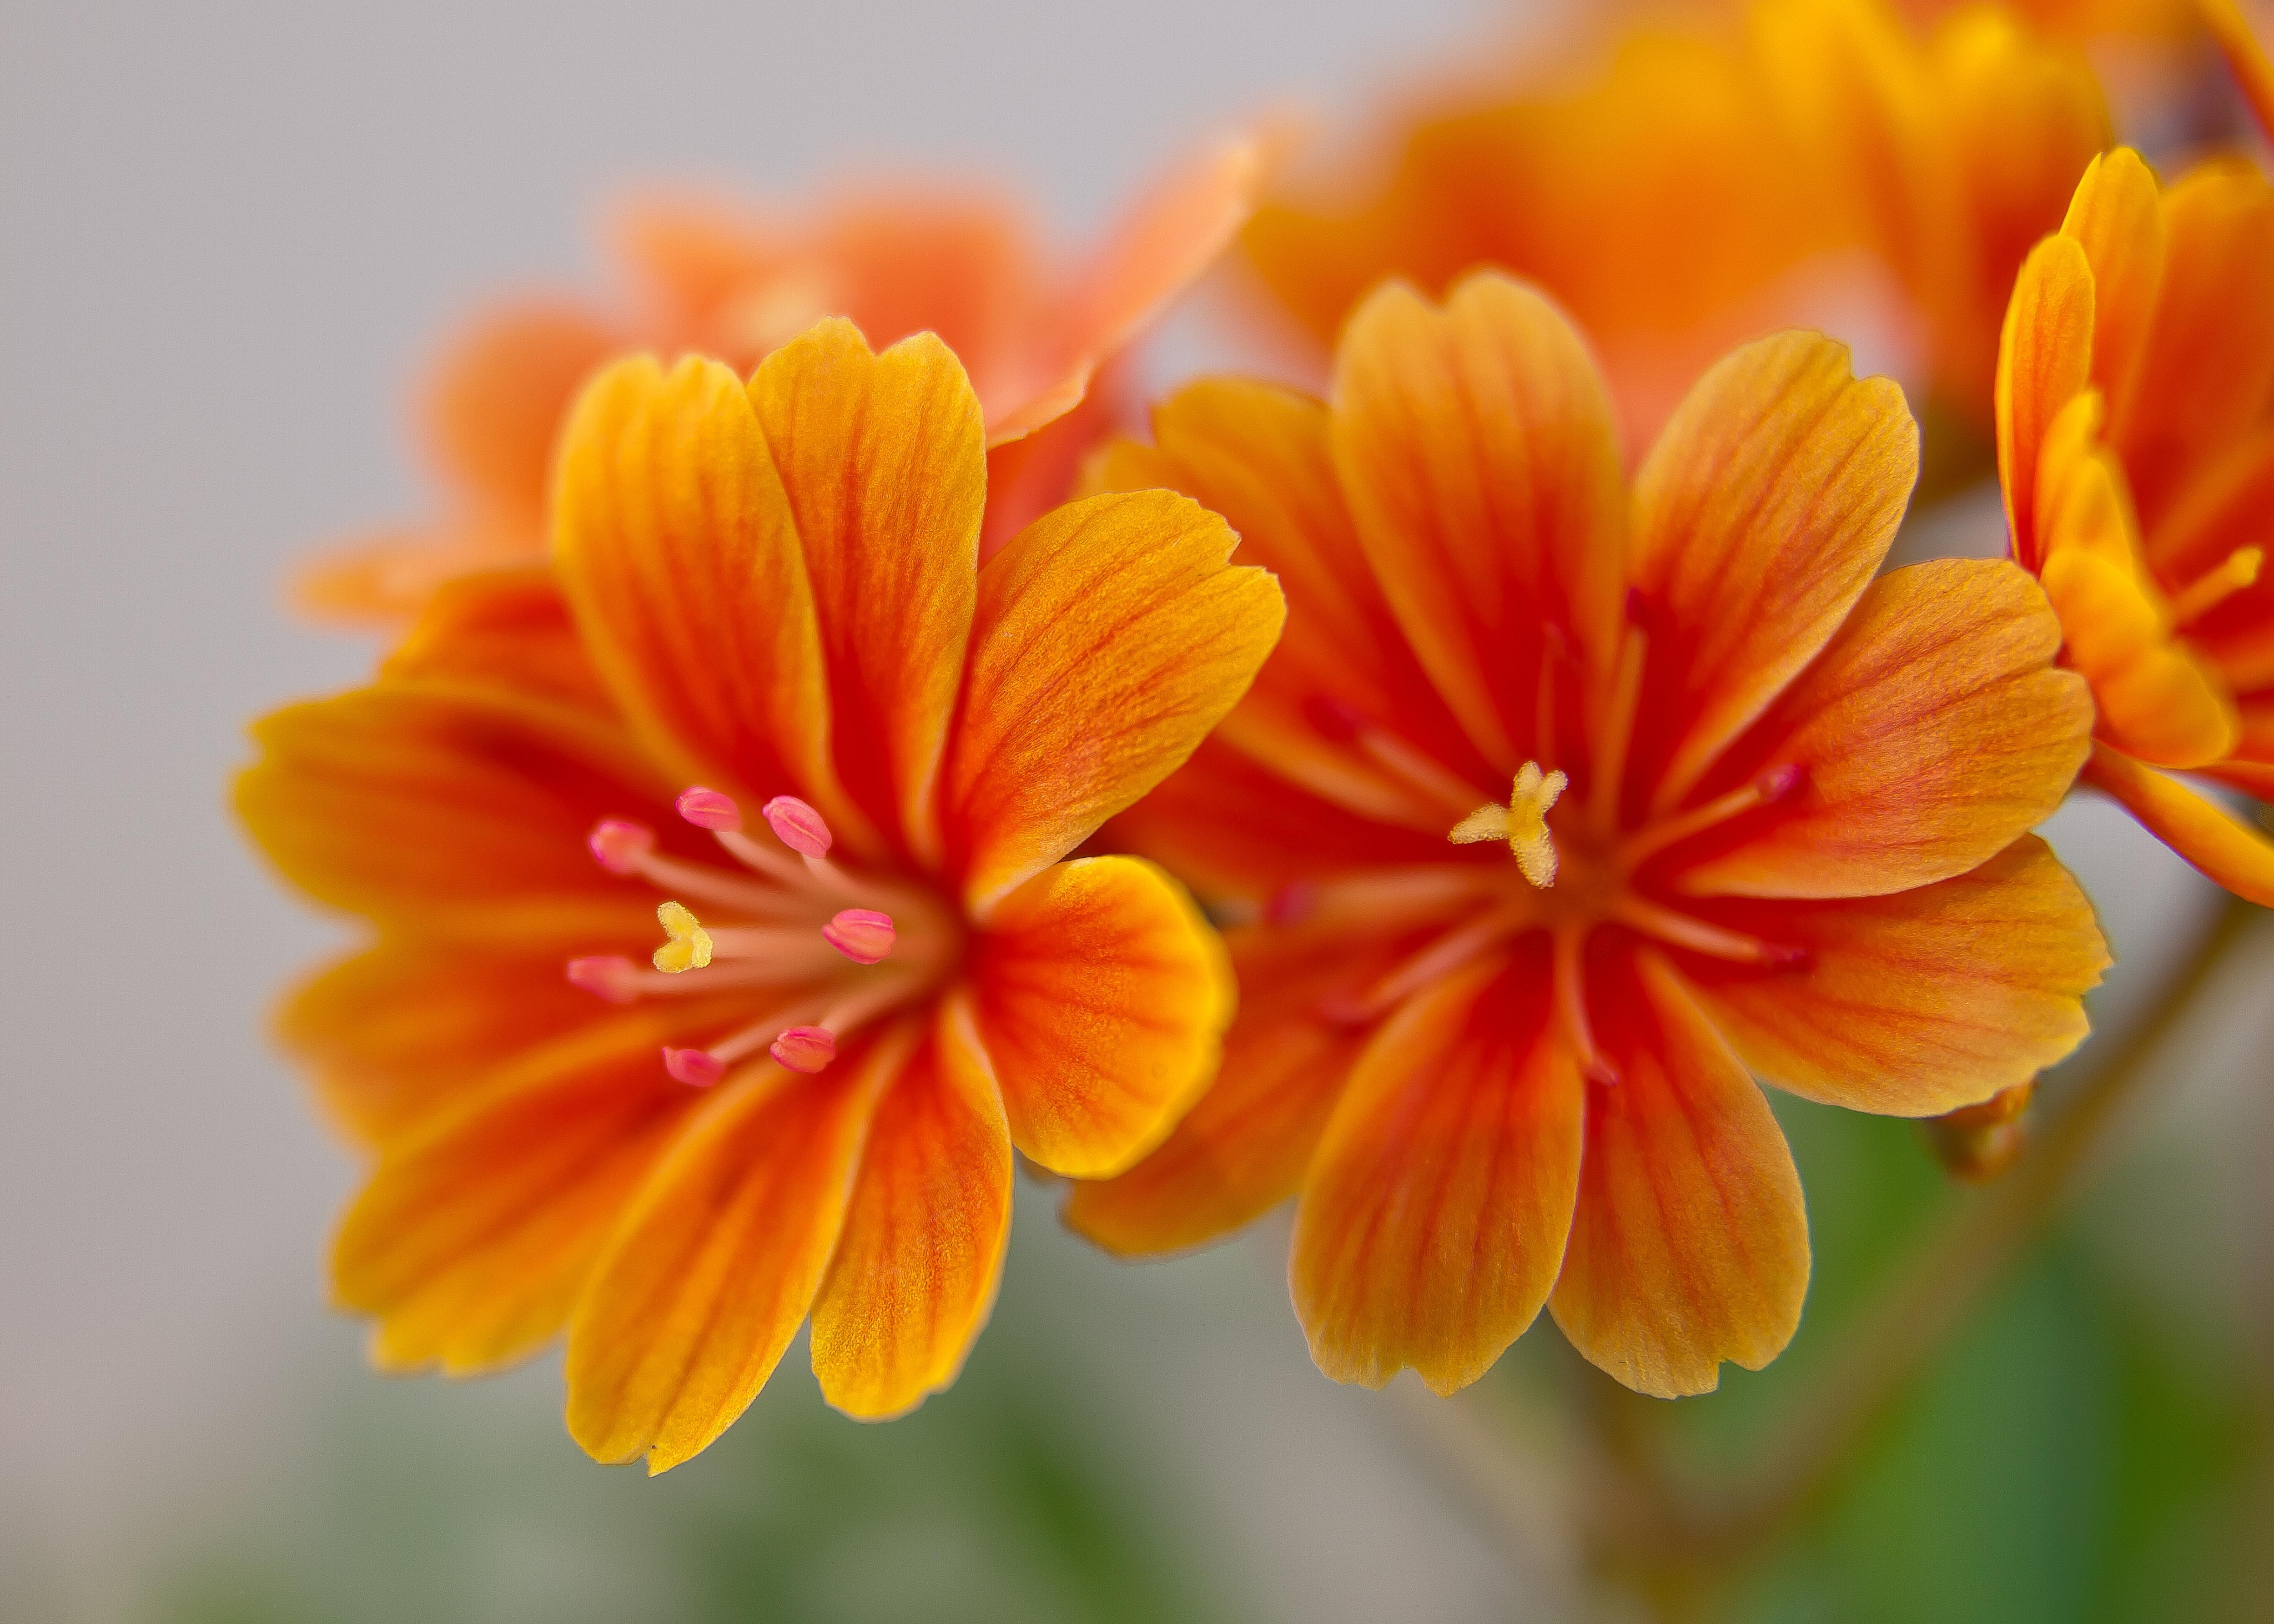 Free Images Blossom Flower Petal Bloom Spring Botany Flora